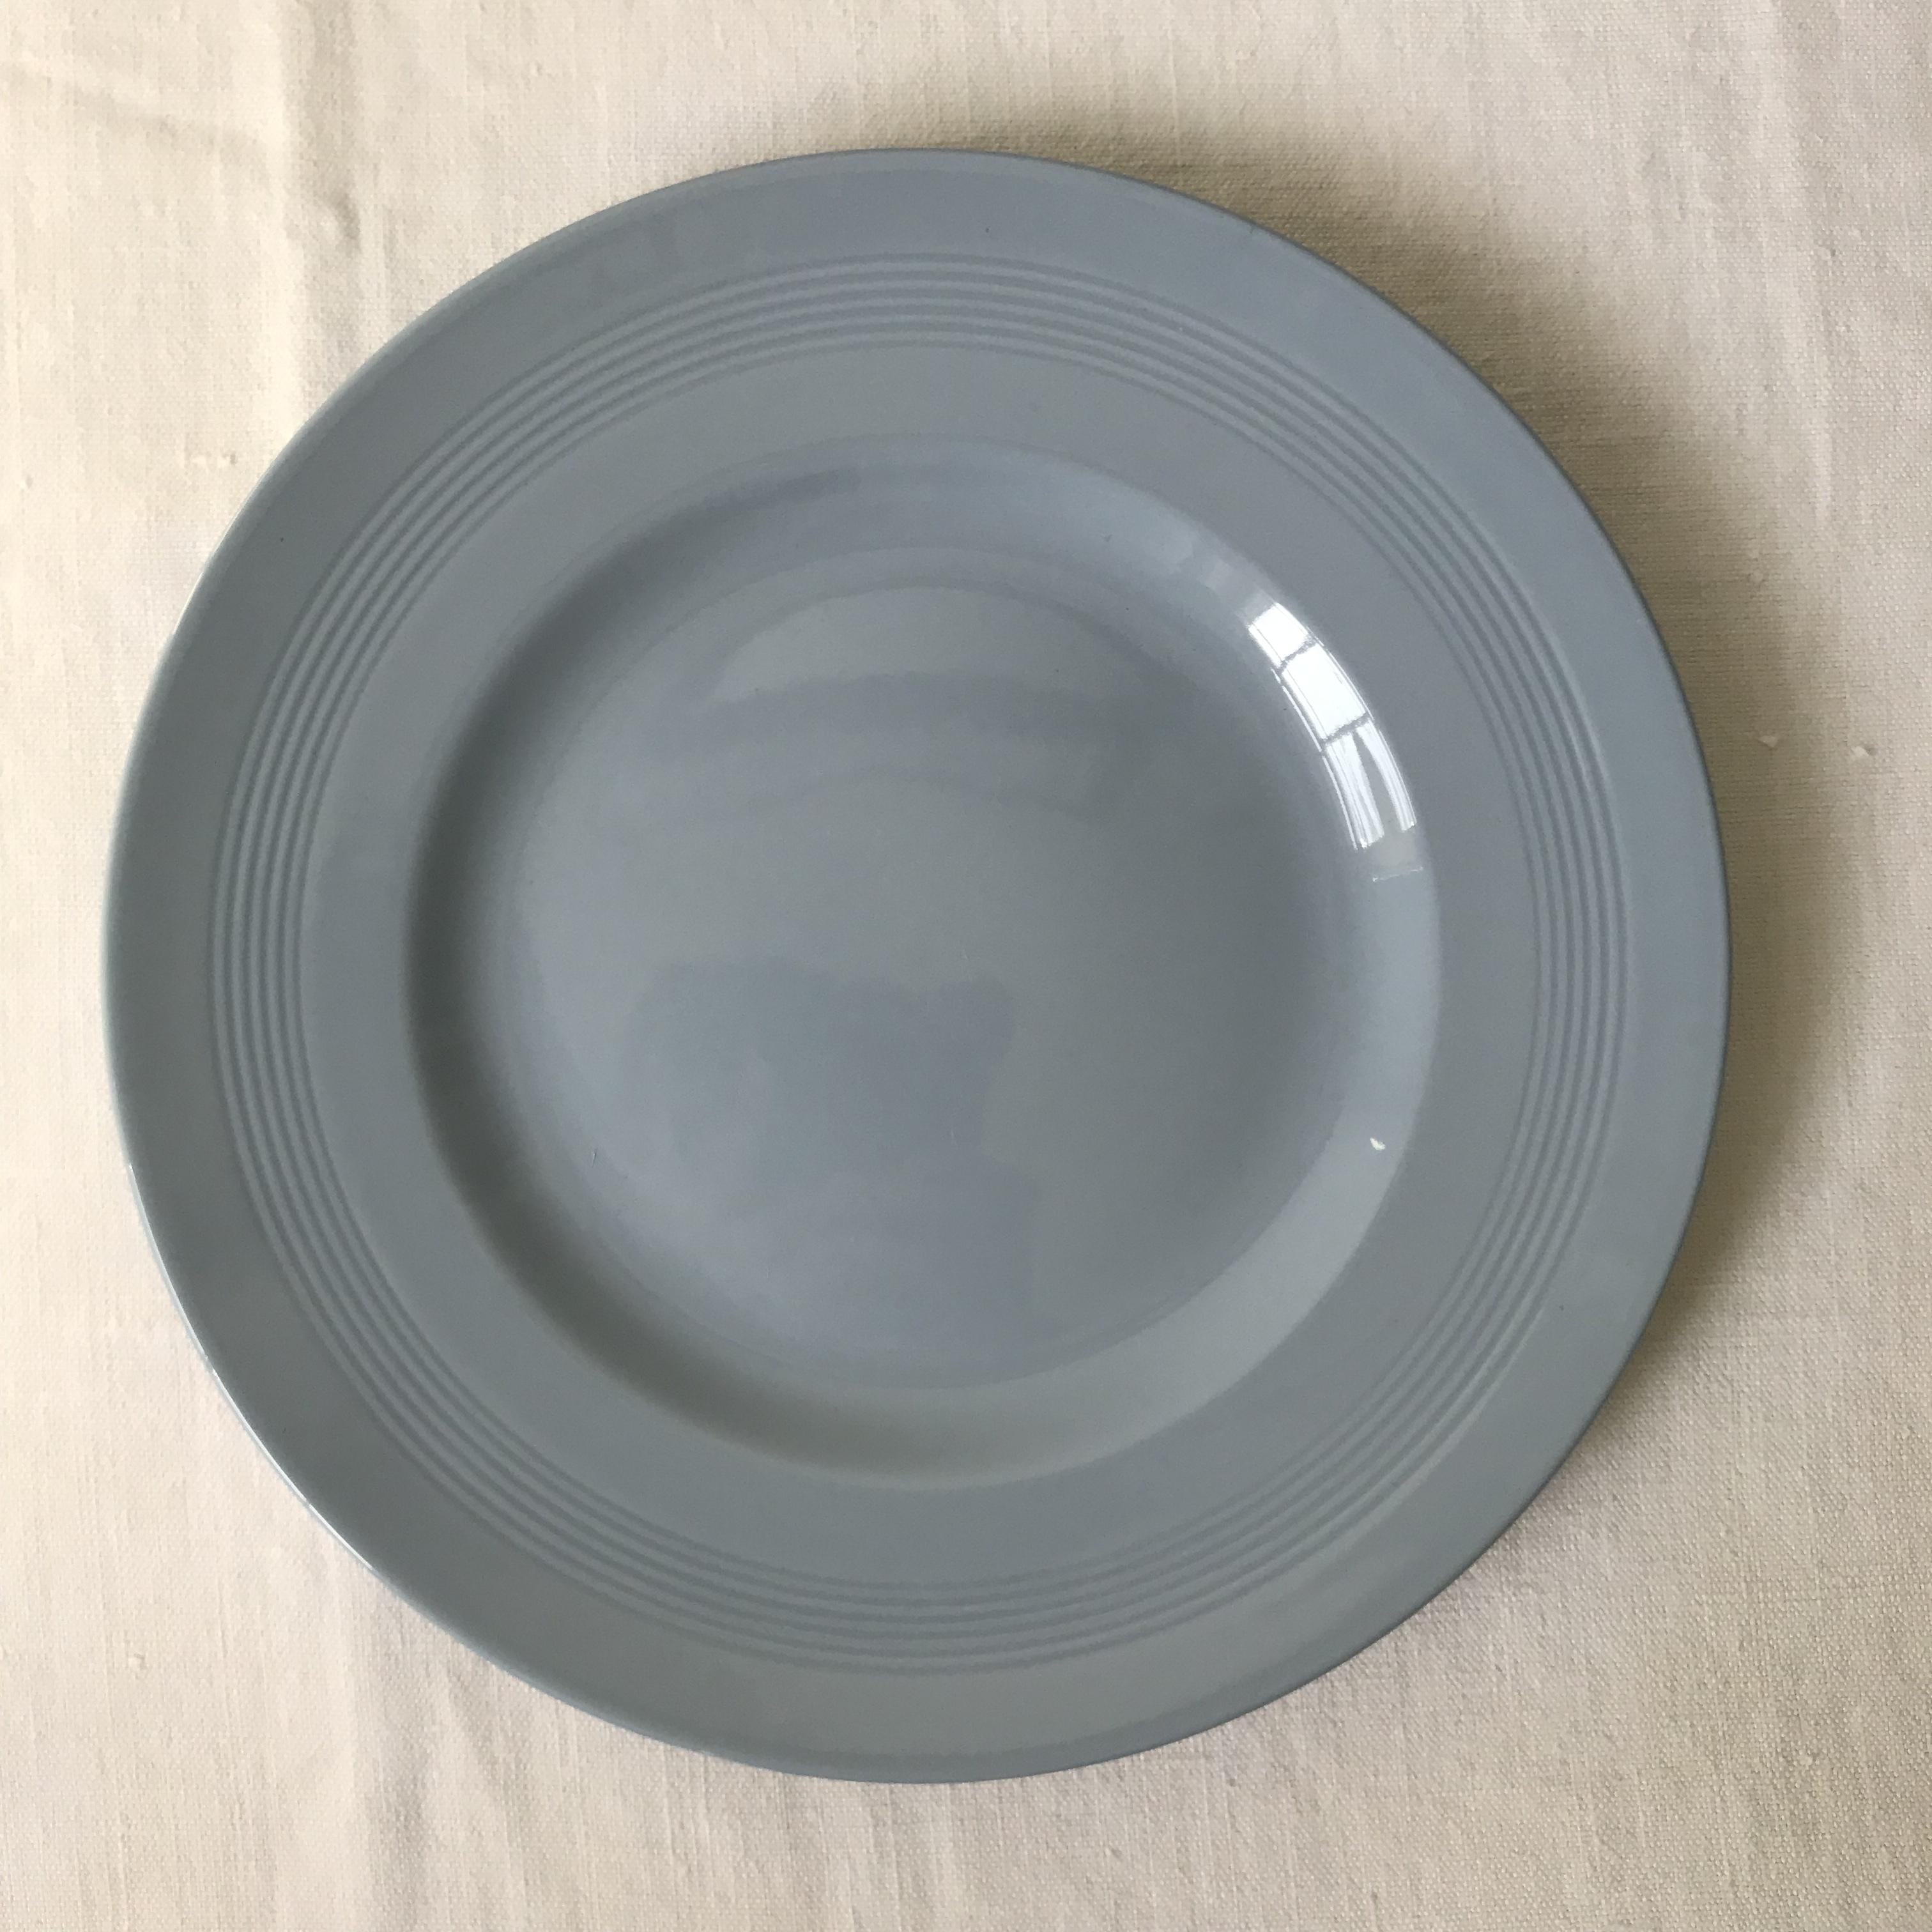 ウッズの青いディナープレート